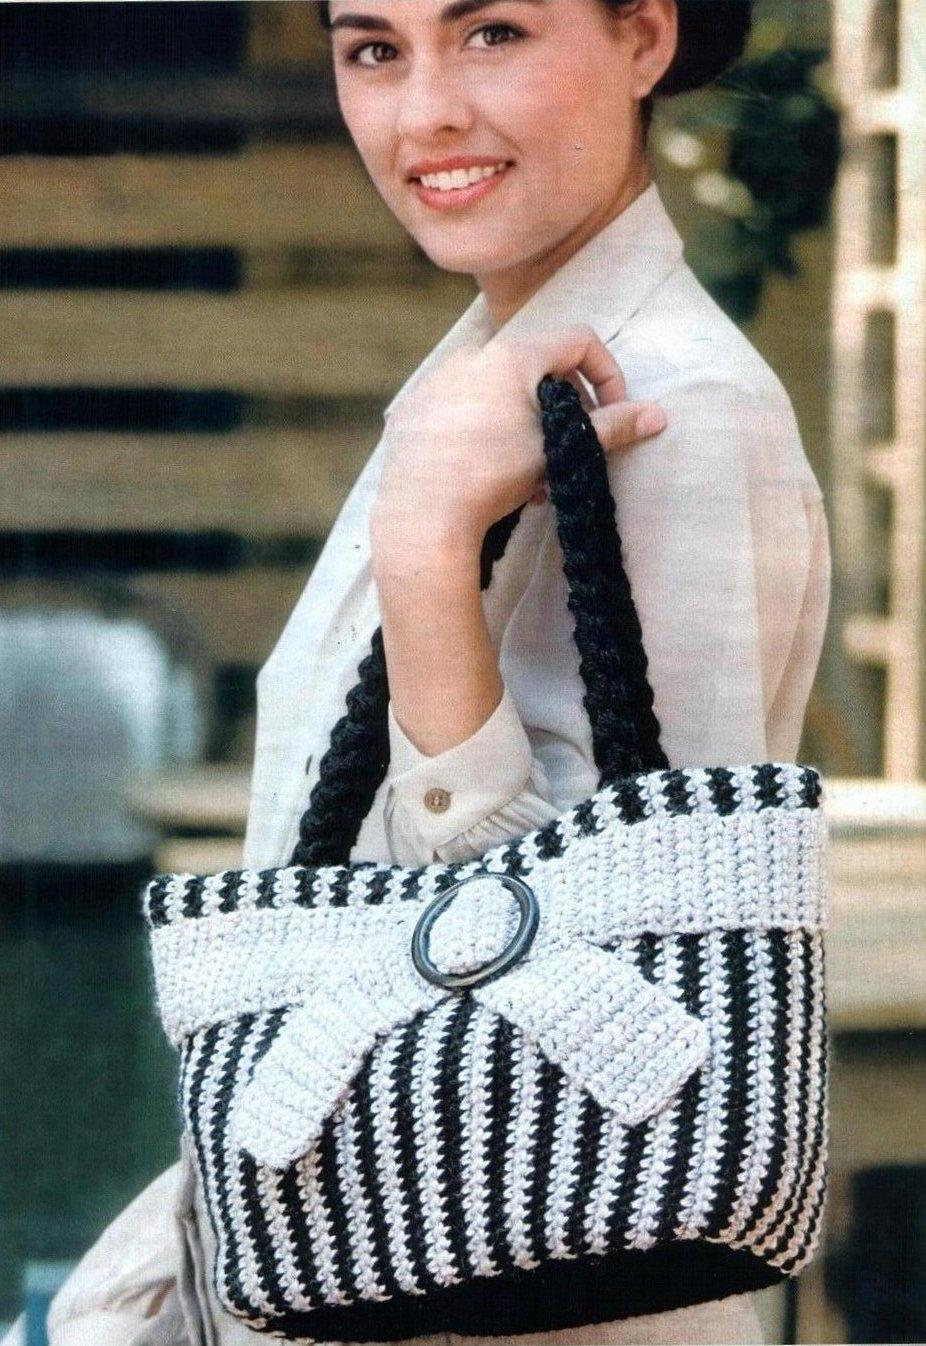 Вязание крючком. Вязаная элегантная сумка с полосками.